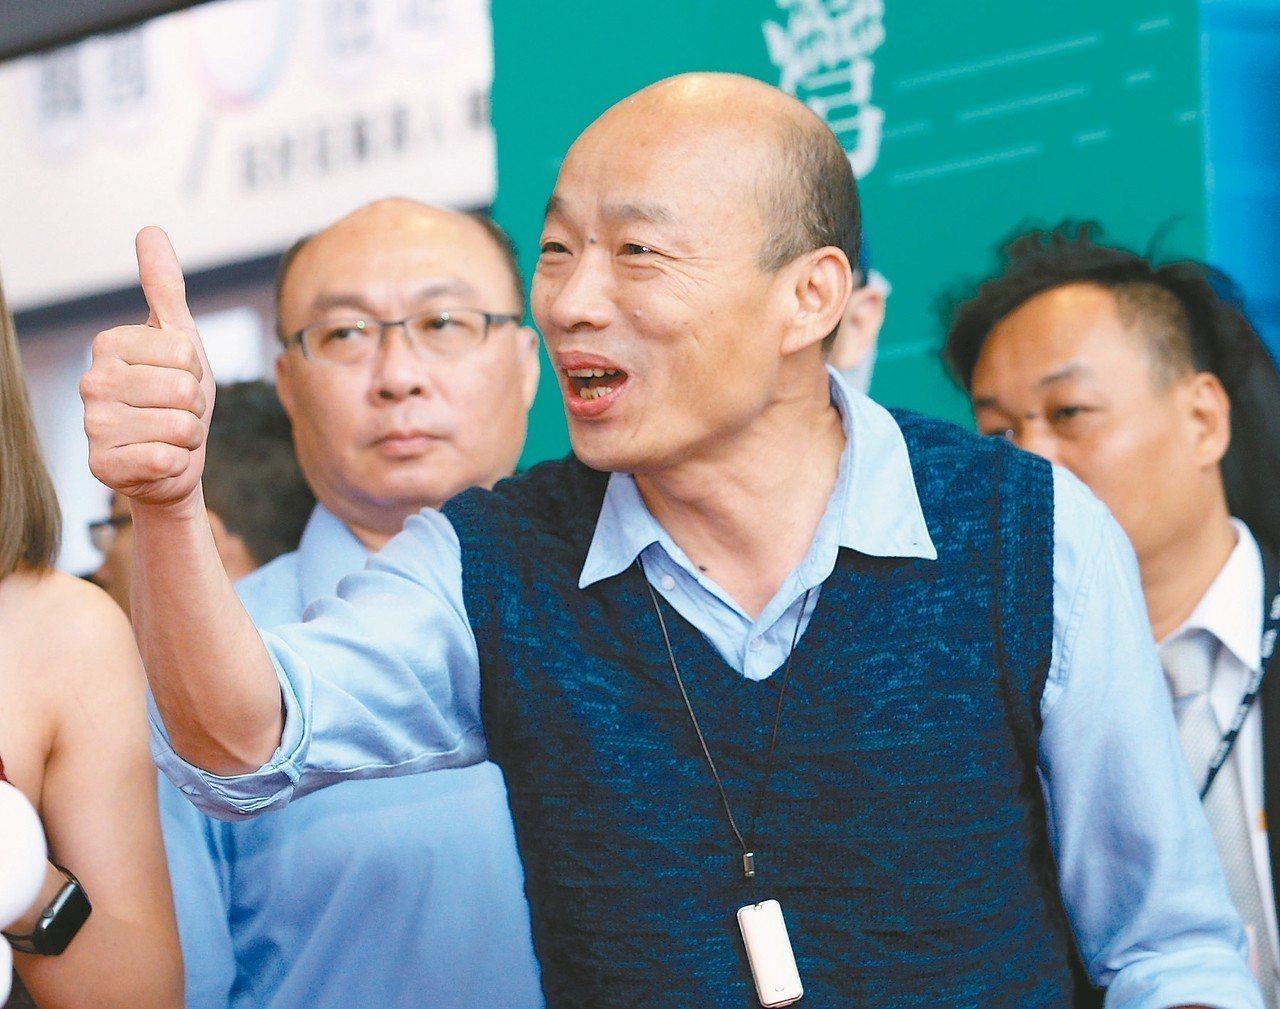 高雄市長韓國瑜。 記者劉學聖/攝影